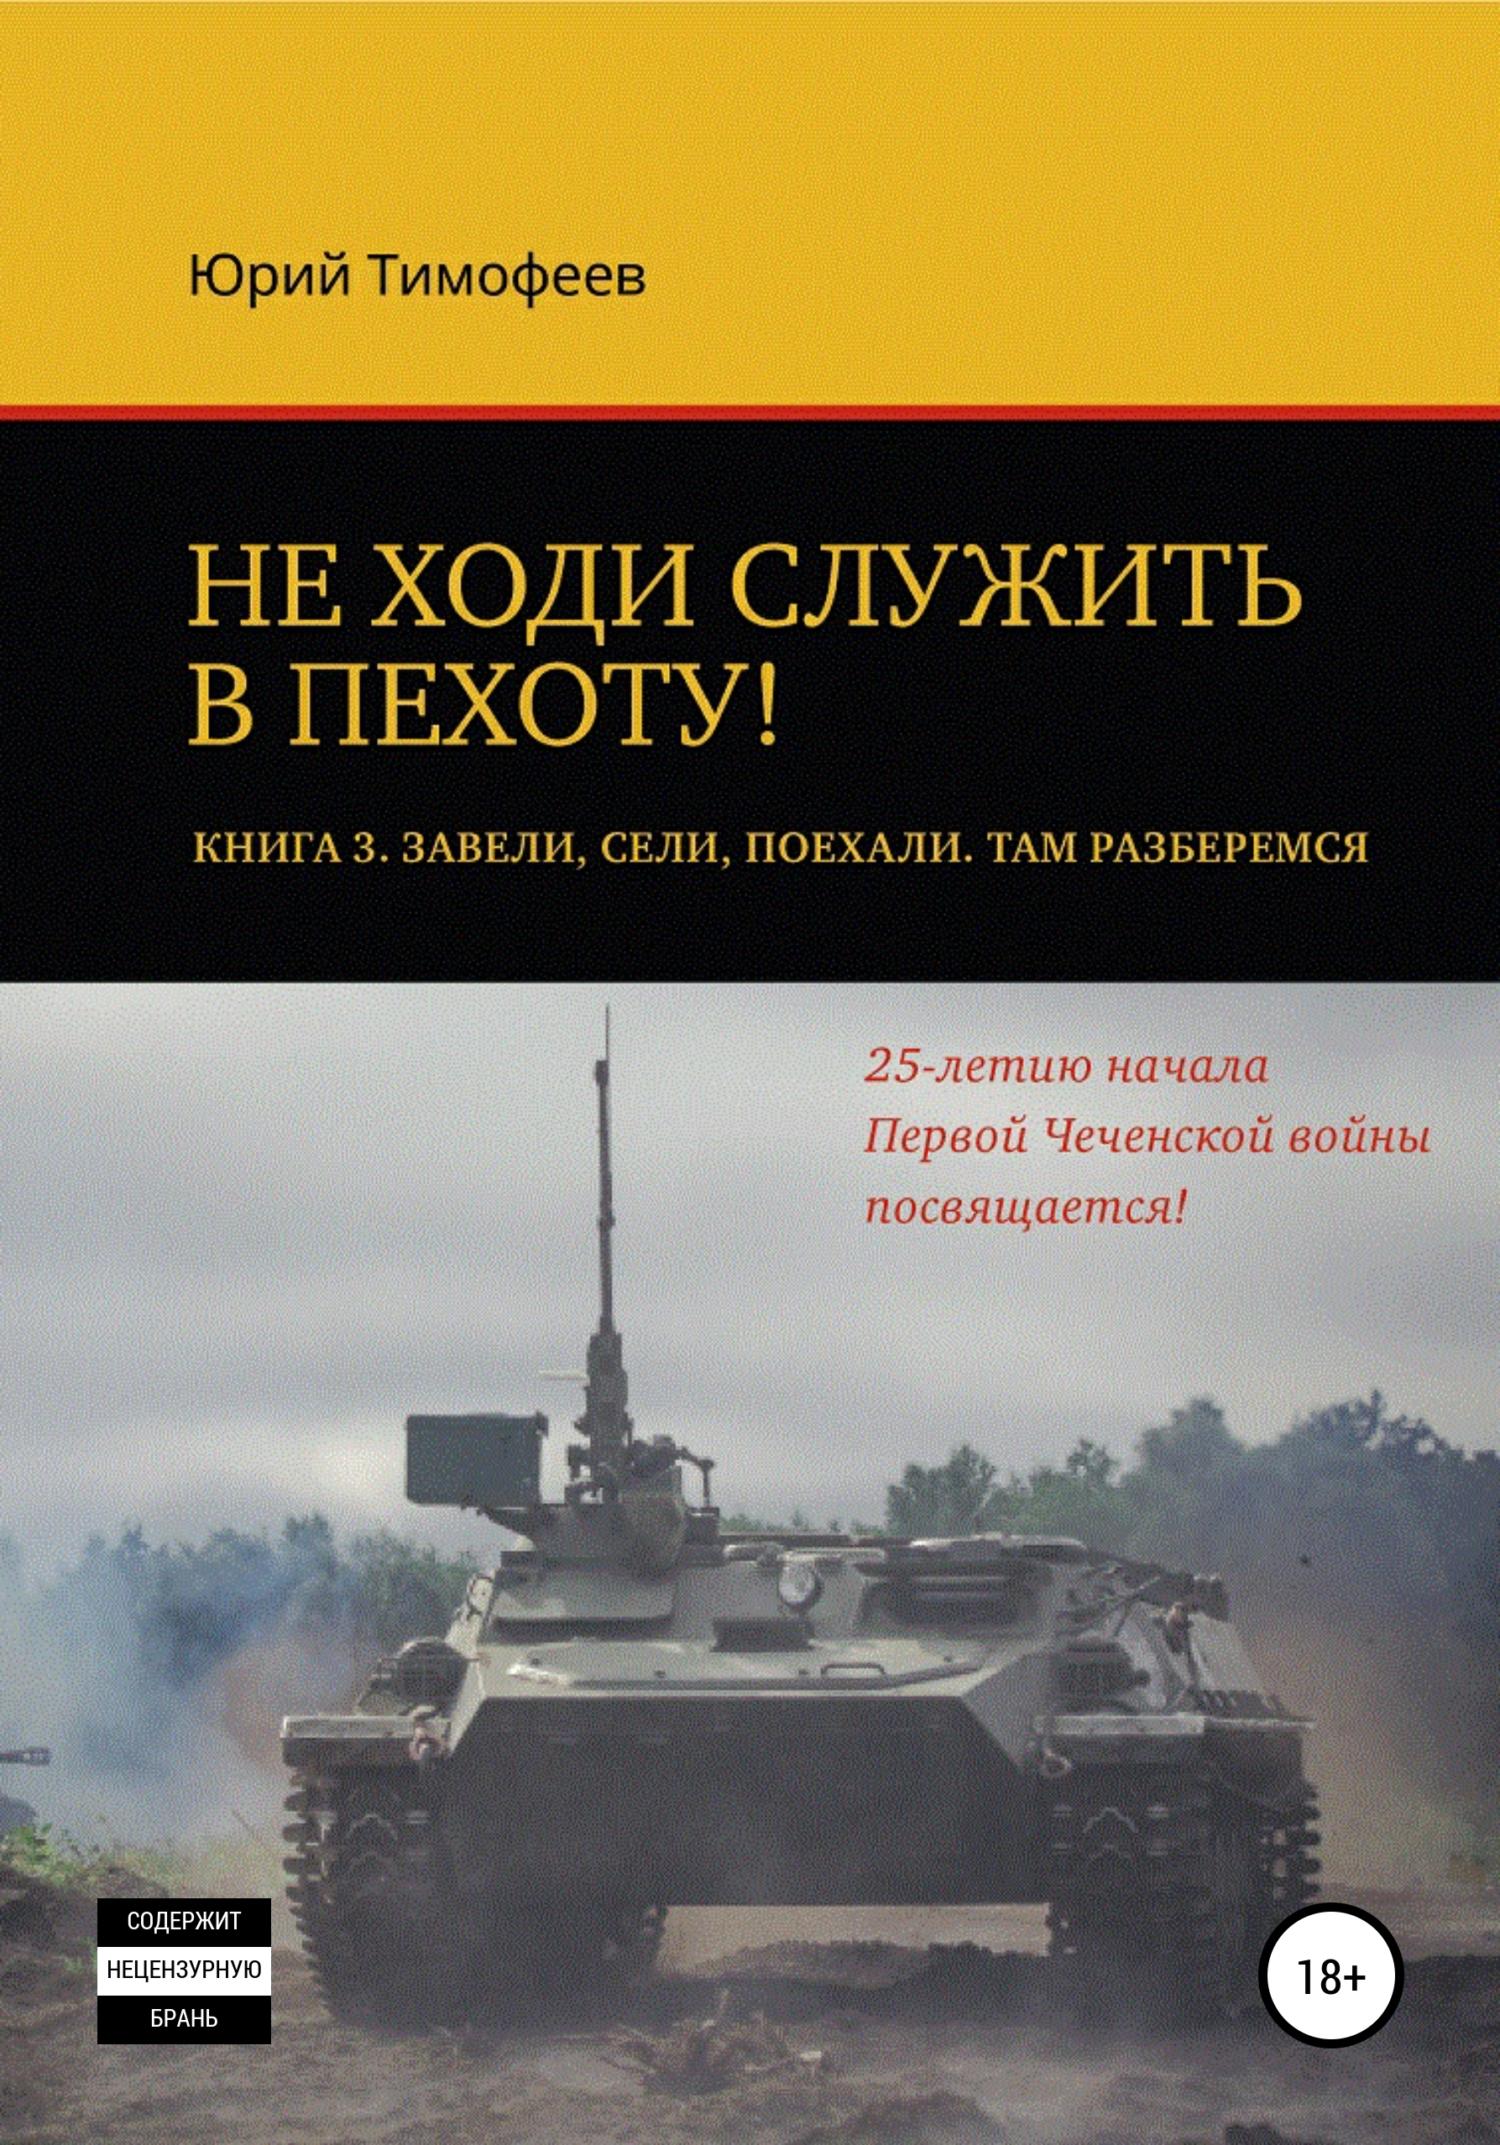 Не ходи служить в пехоту! Книга 3. Завели. Сели. Поехали. Там разберёмся. 25-летию начала первой Чеченской войны посвящается!